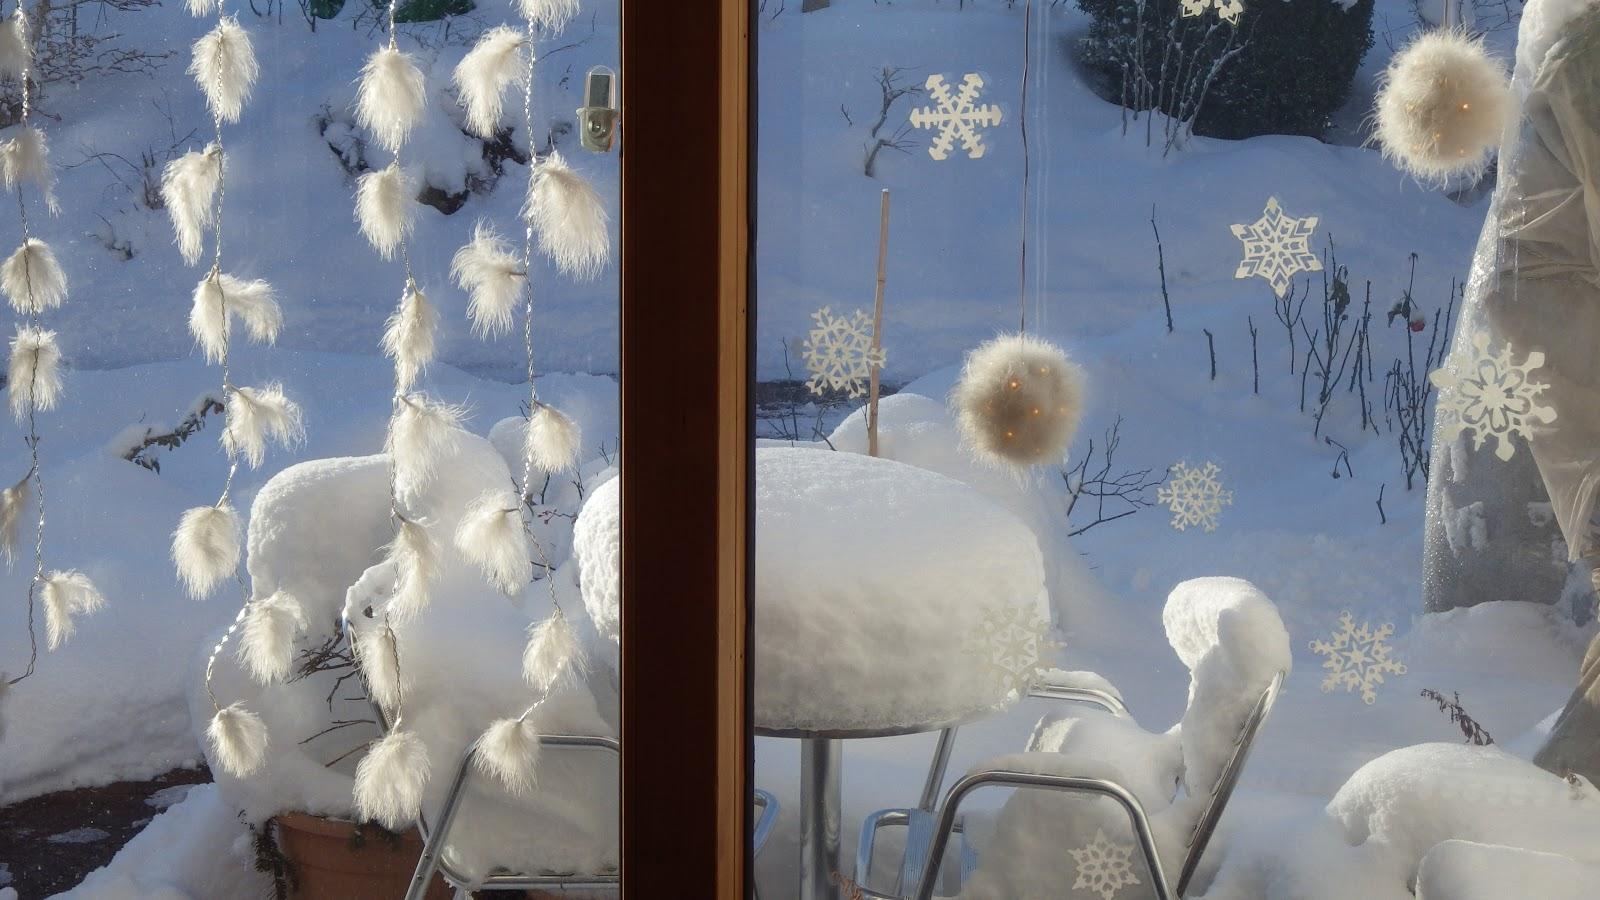 Romantischeslandleben nochmals so richtig winter - Winterdekoration fenster ...